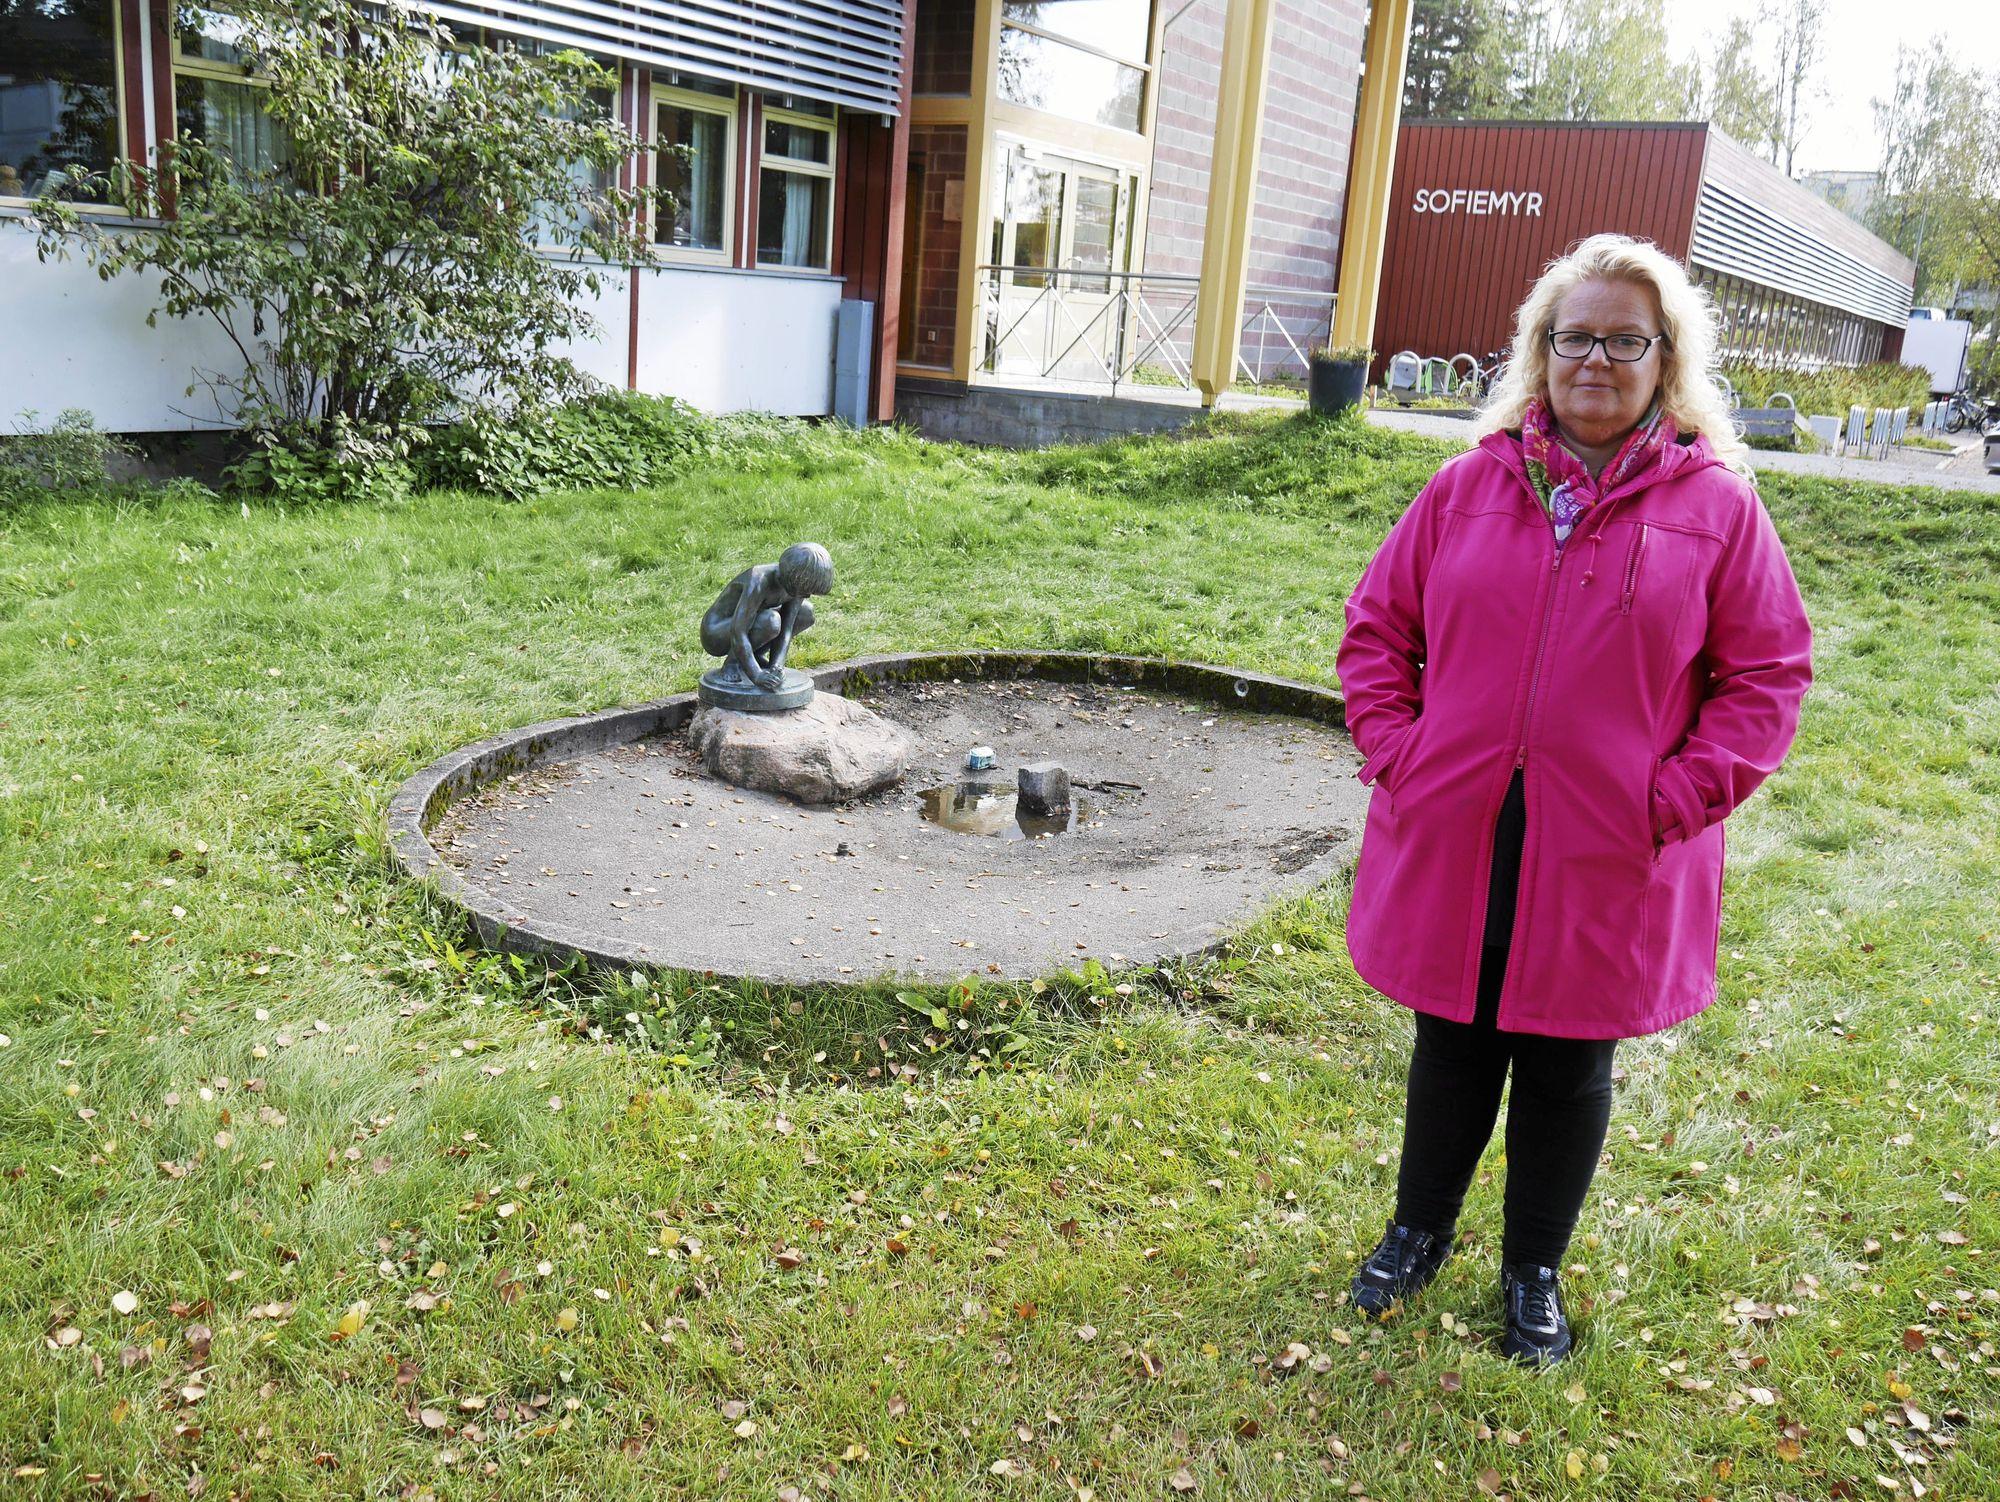 SNAKKER ÅPENT: Nina Birkeland forteller alvorspreget om situasjonen til sønnen hennes på skolen. Nå går han på ny skole, og har en helt annen hverdag.